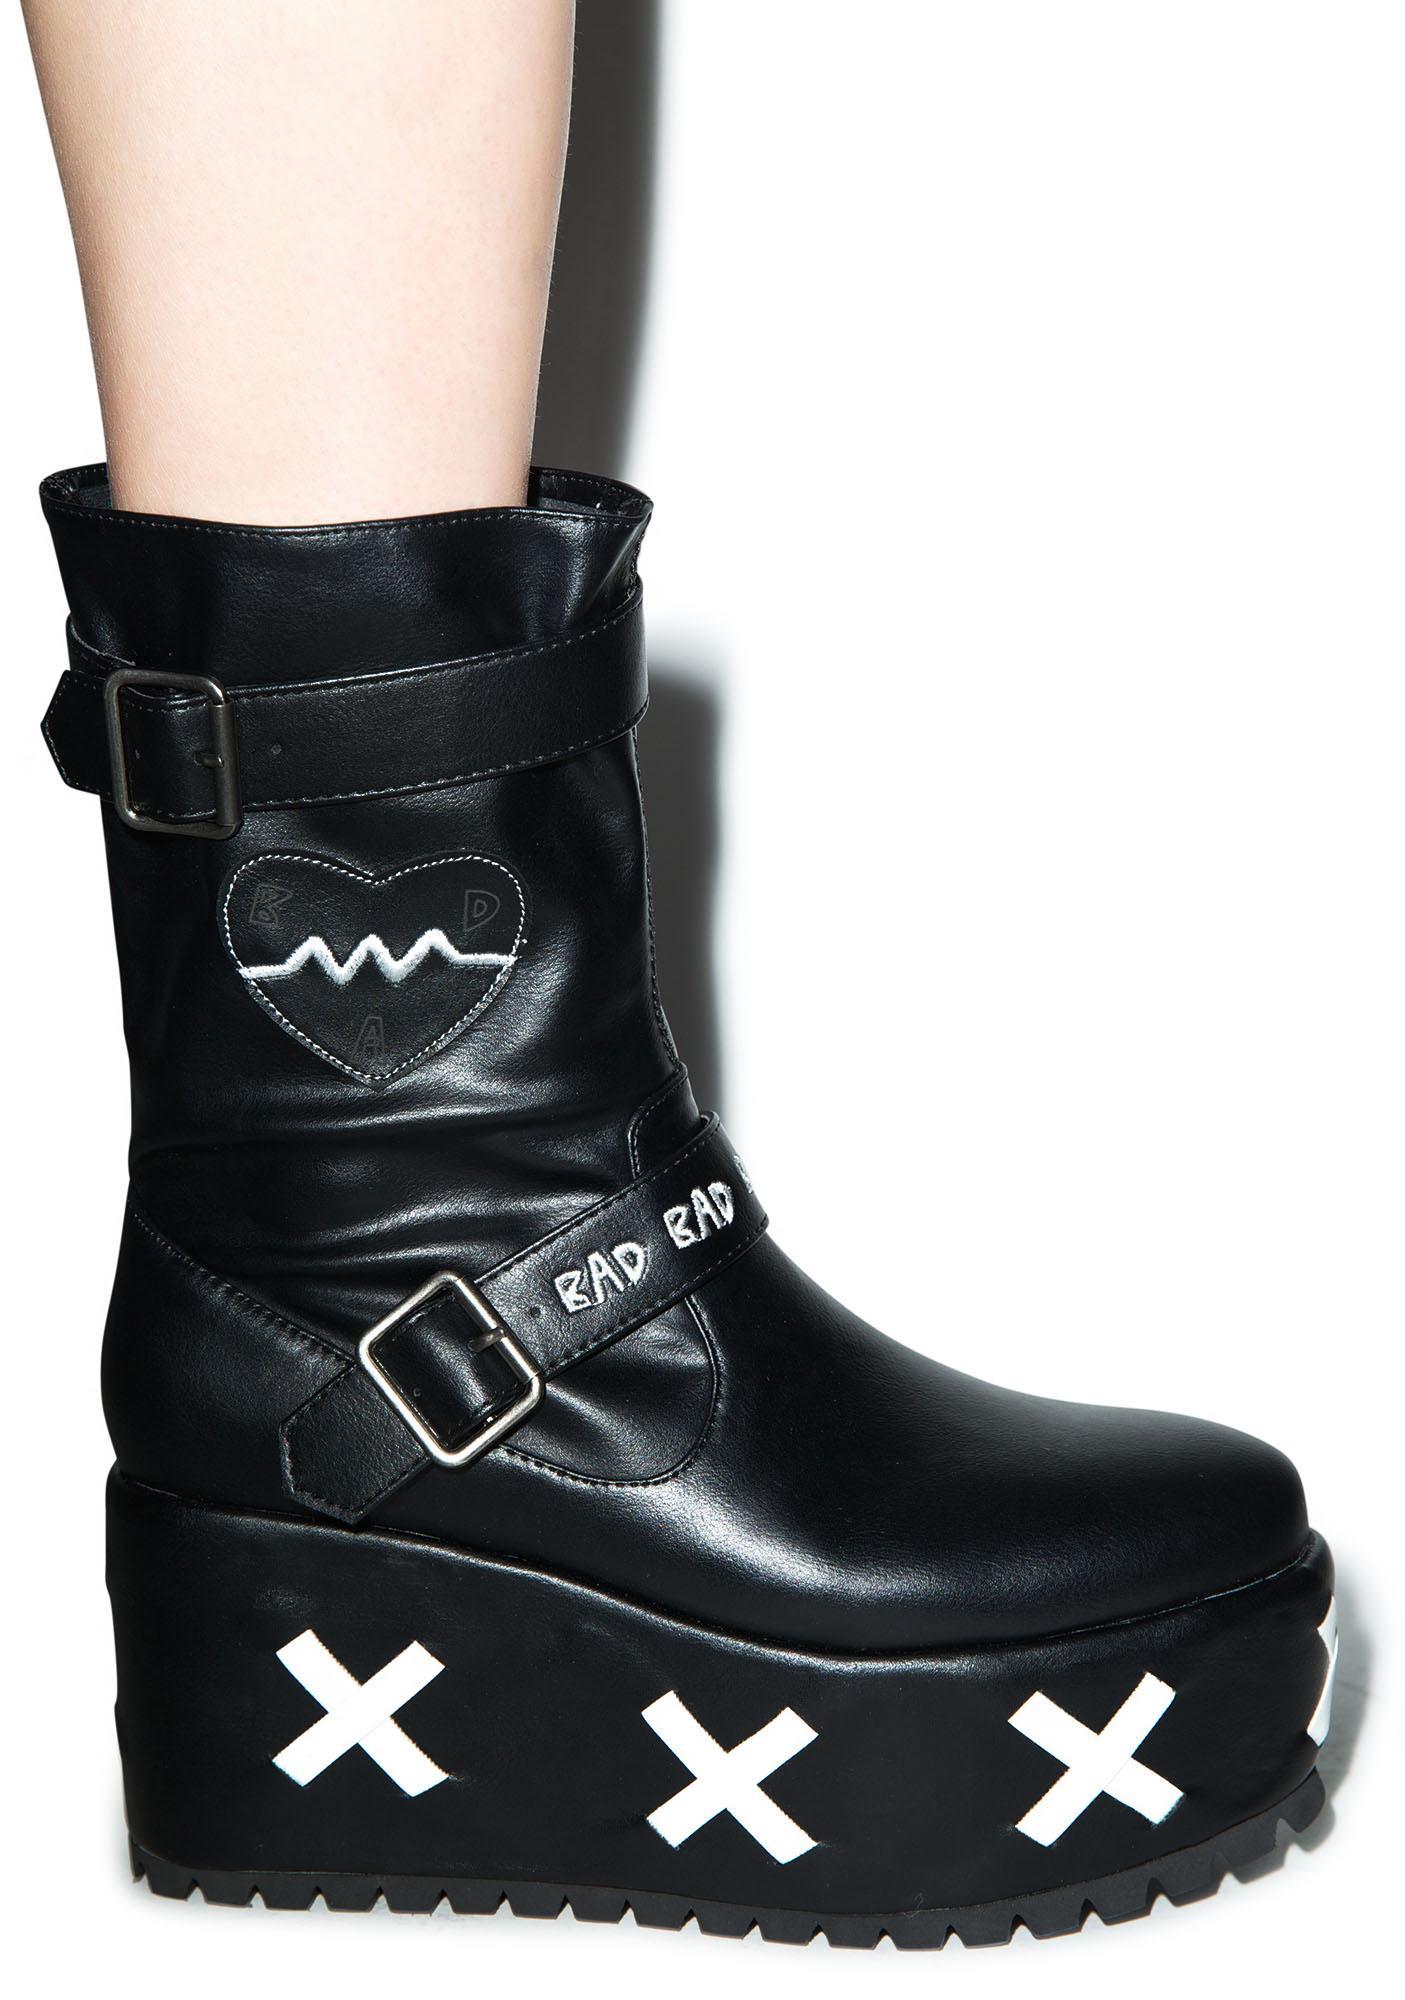 Y.R.U. x Chocomoo Yuka Platform Boots